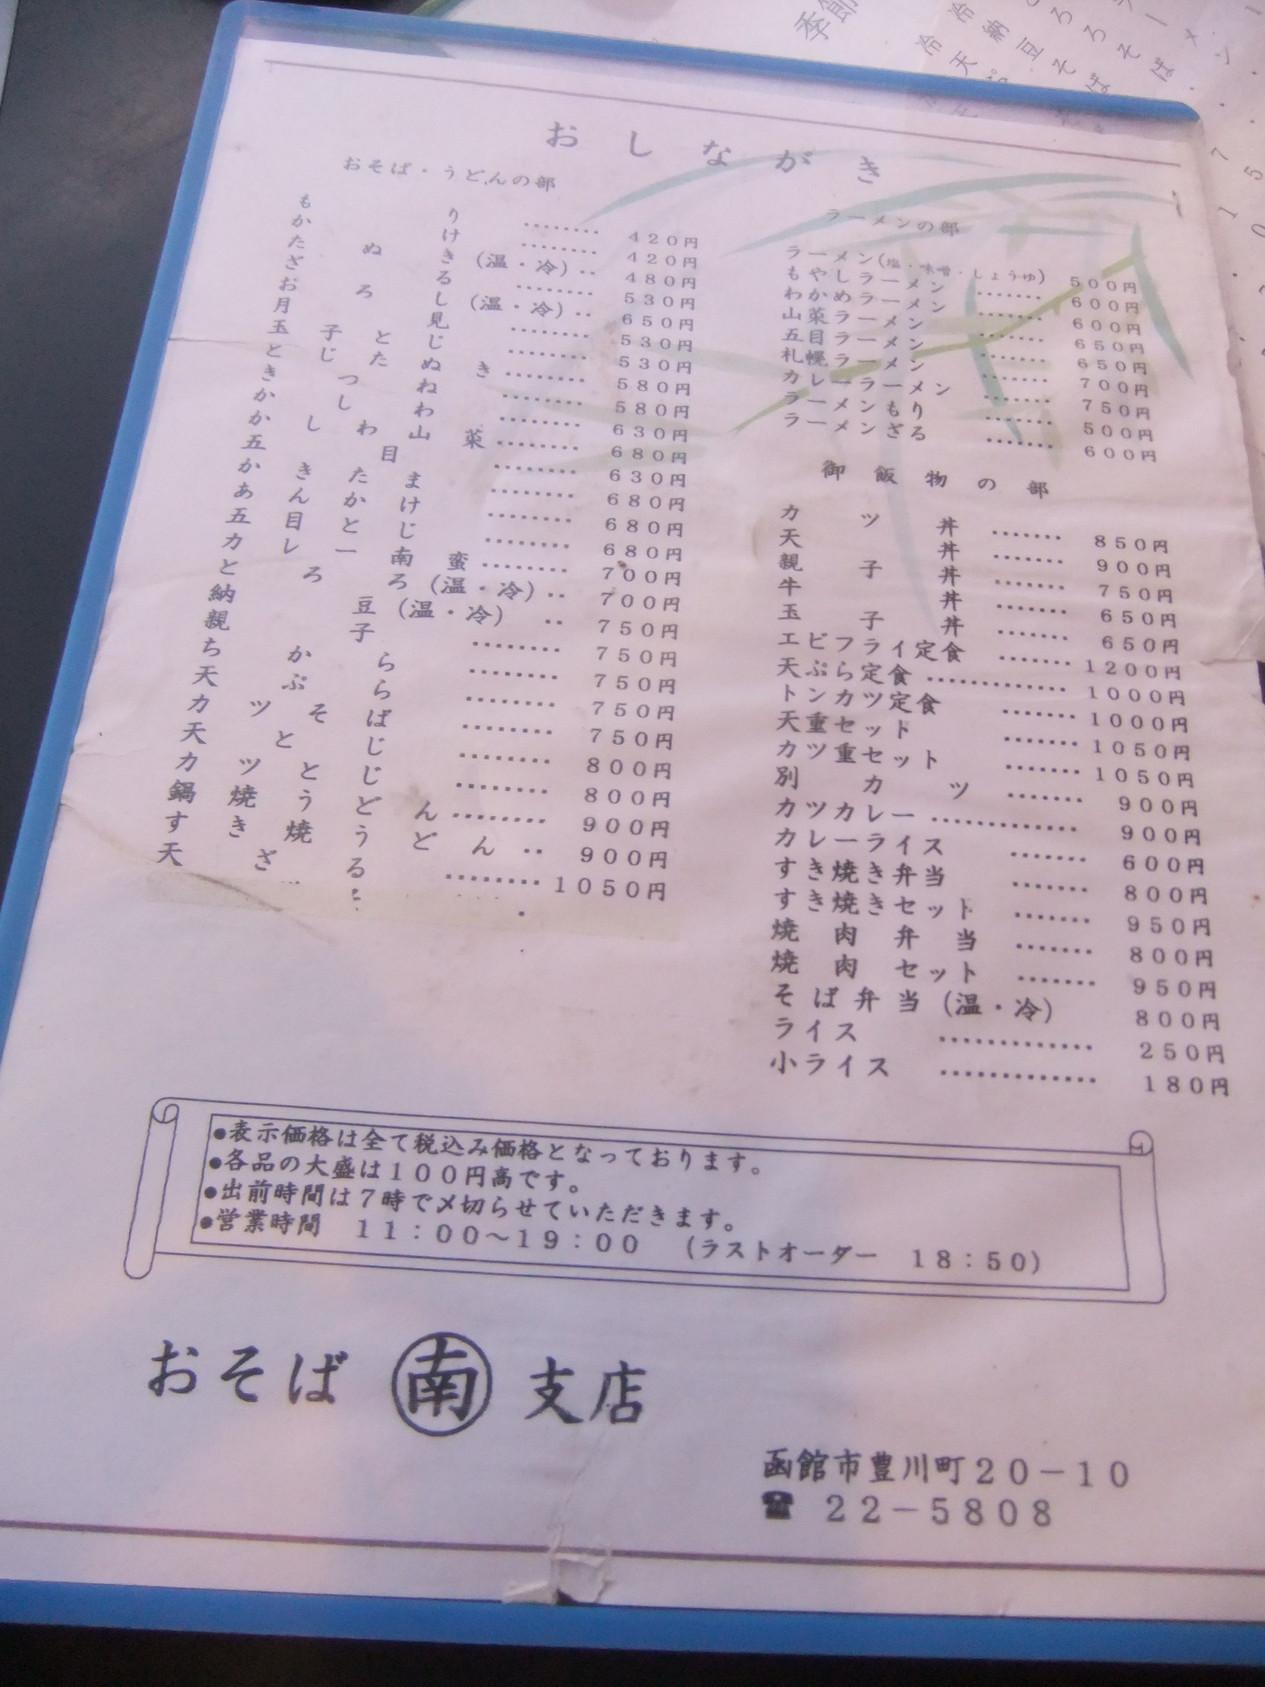 丸南 豊川町支店